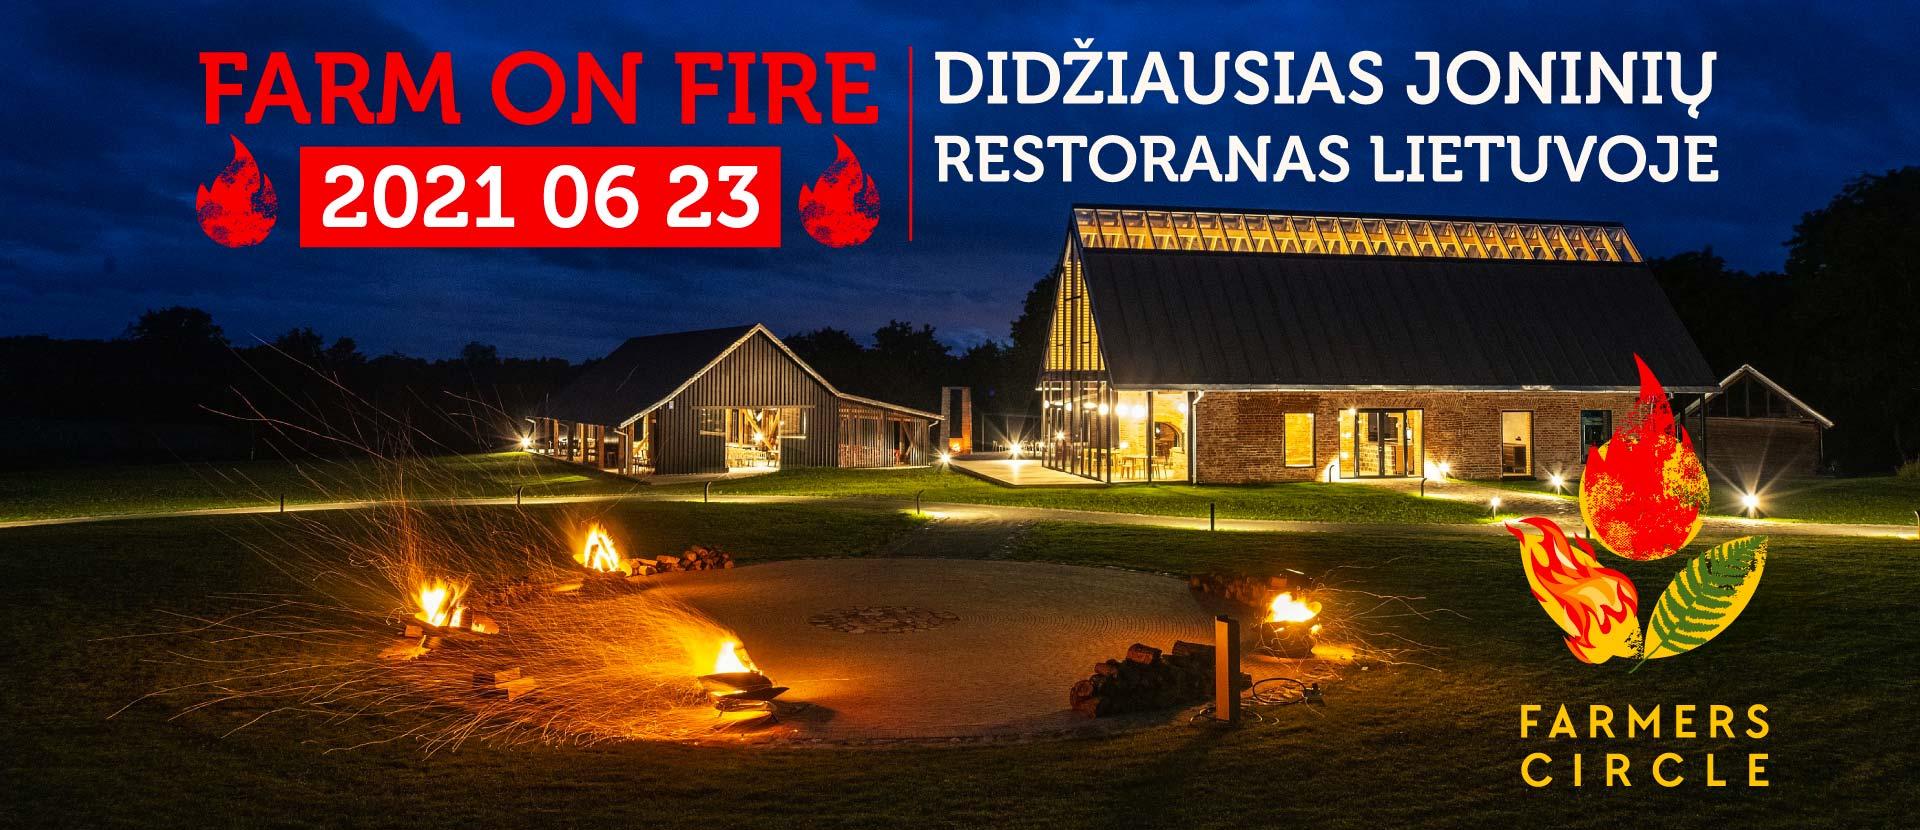 """Didžiausias Joninių restoranas po atviru dangumi """"Farm on Fire"""""""